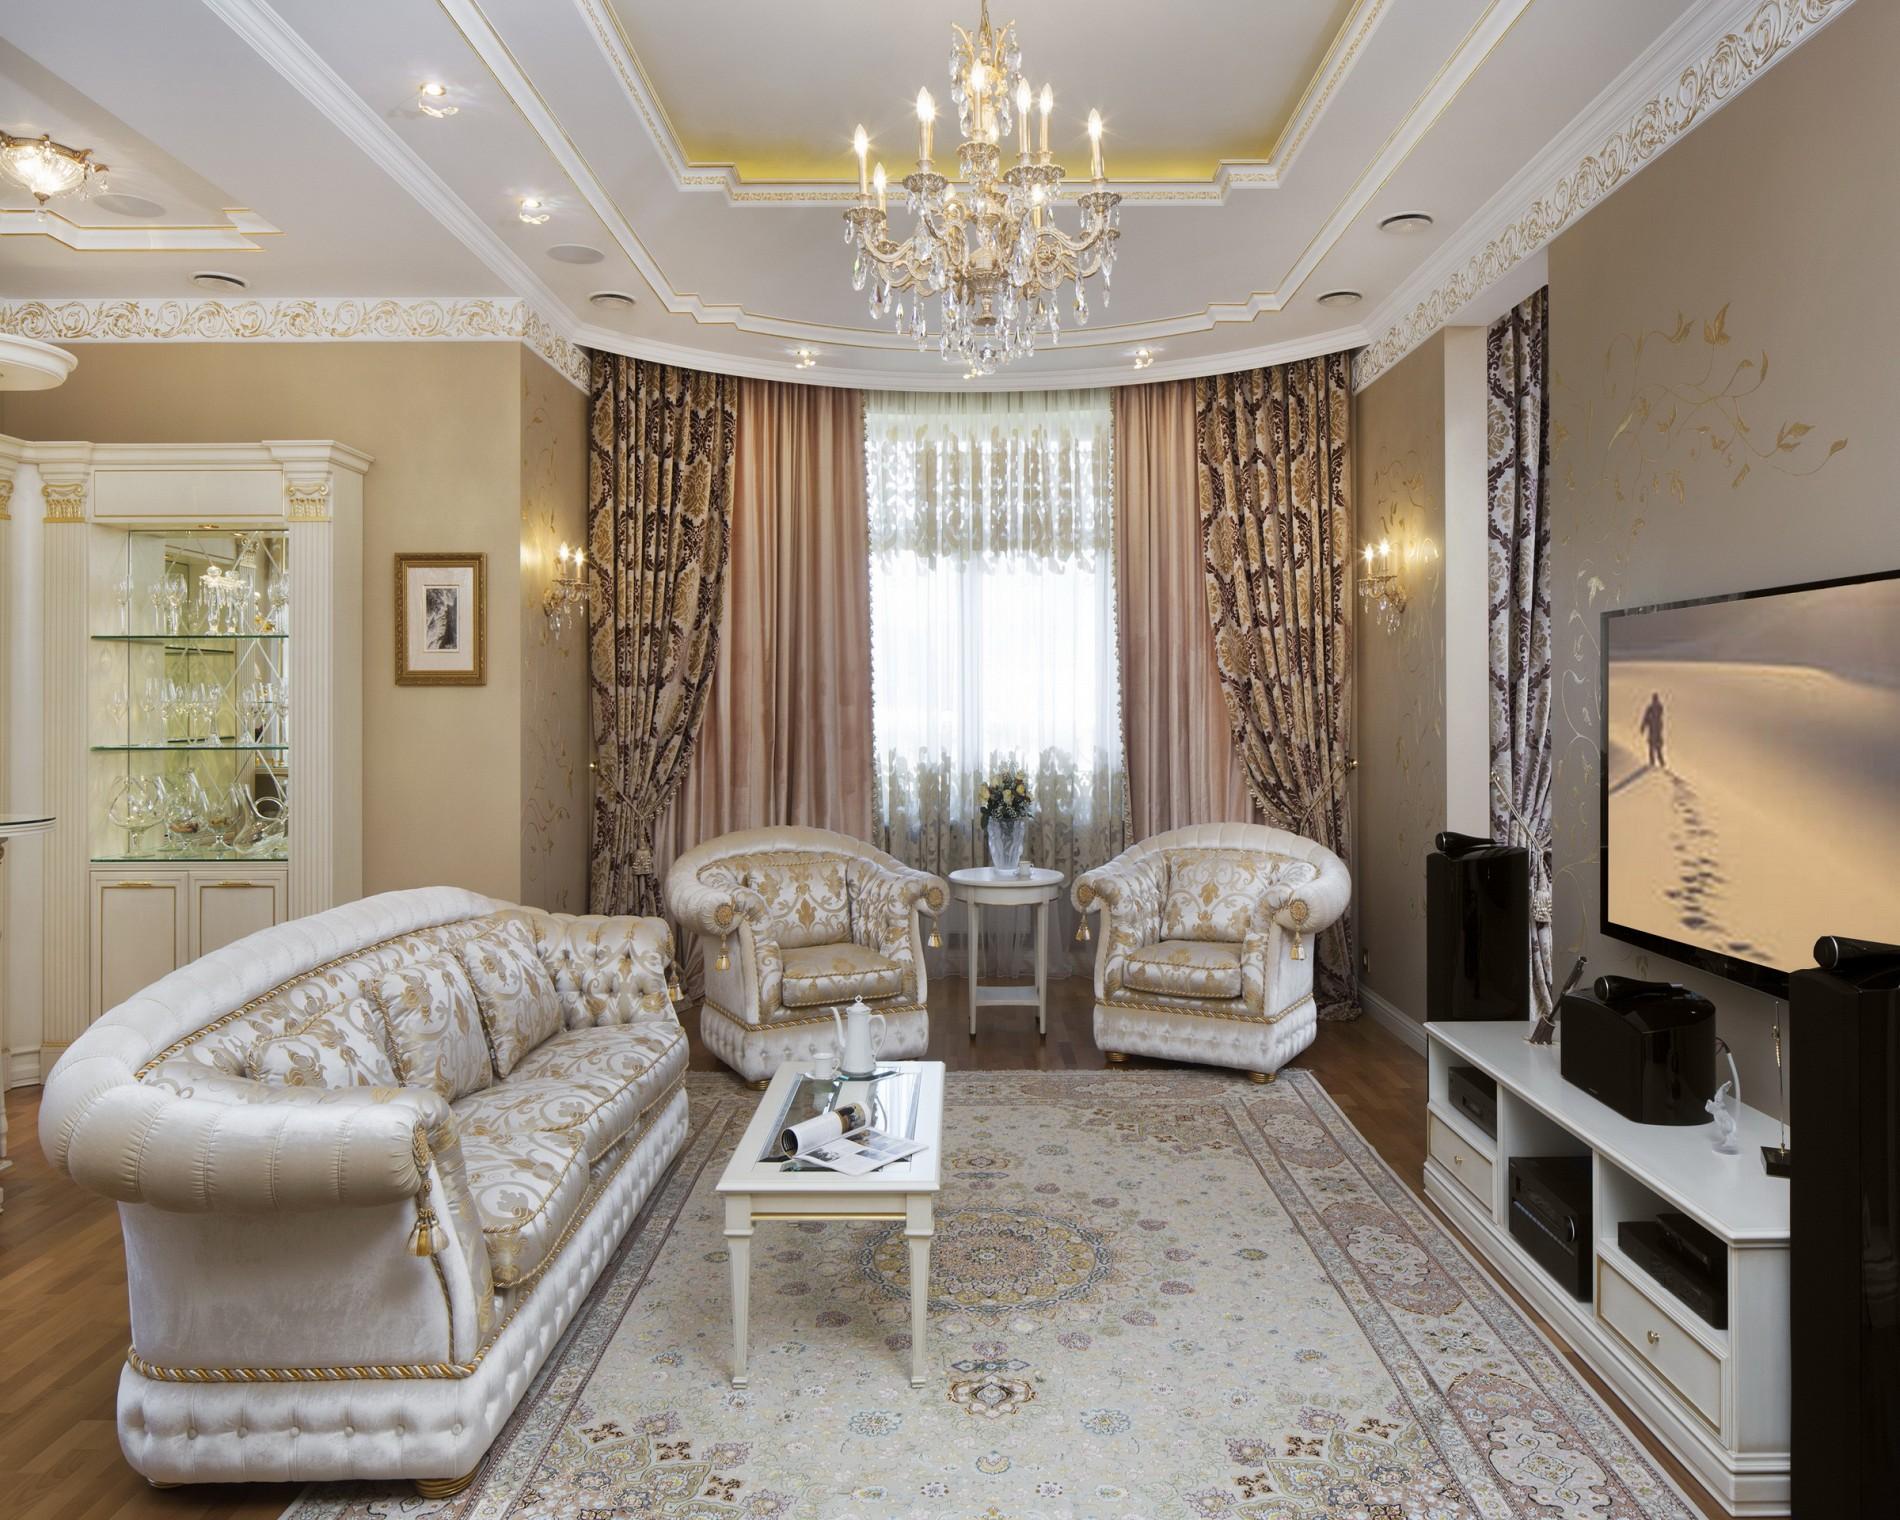 Элитный интерьер гостинойв классическом стиле